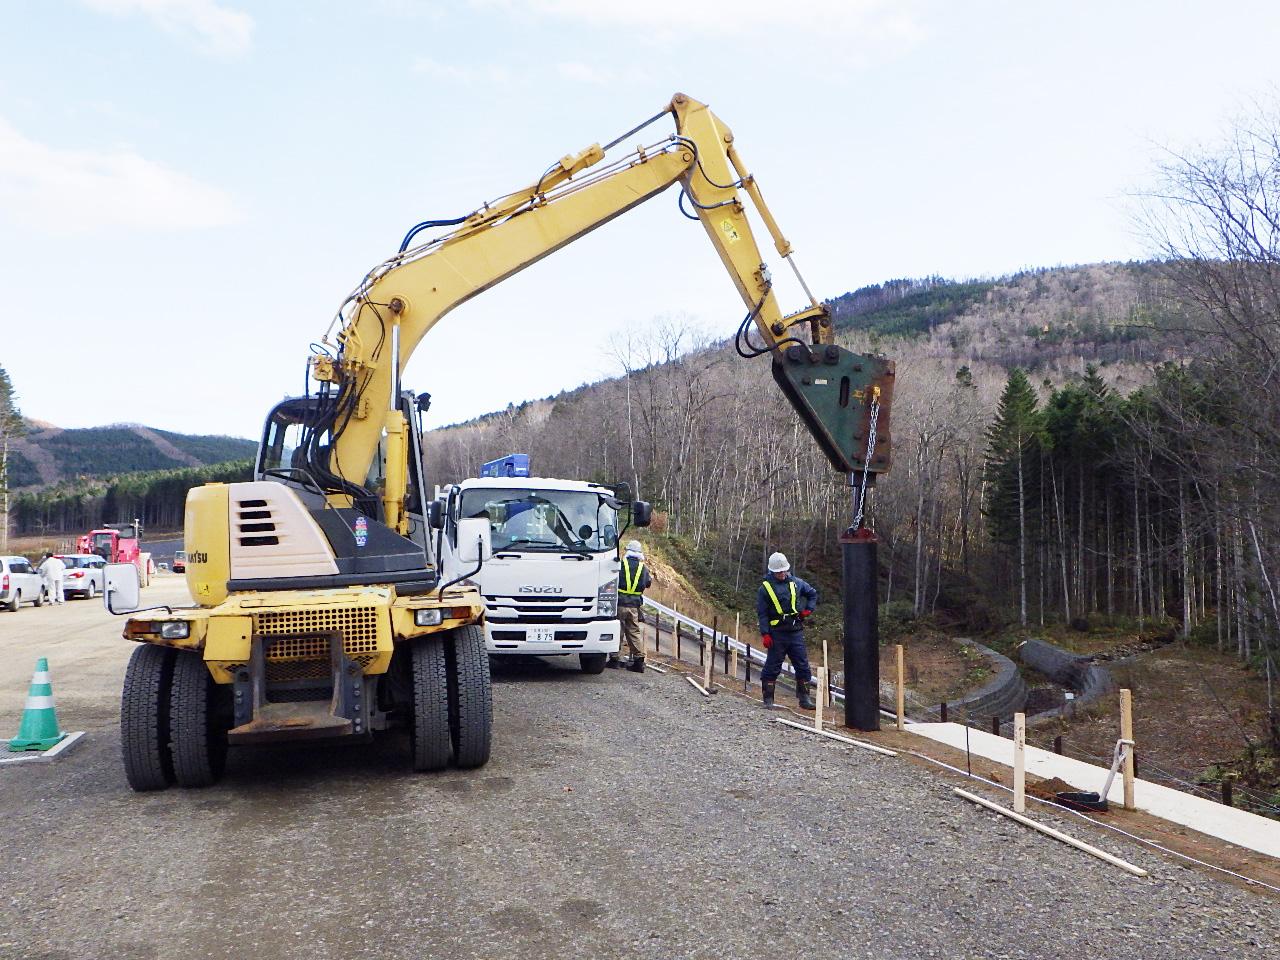 配筋探査 引張試験 鋼製防護柵非破壊試験